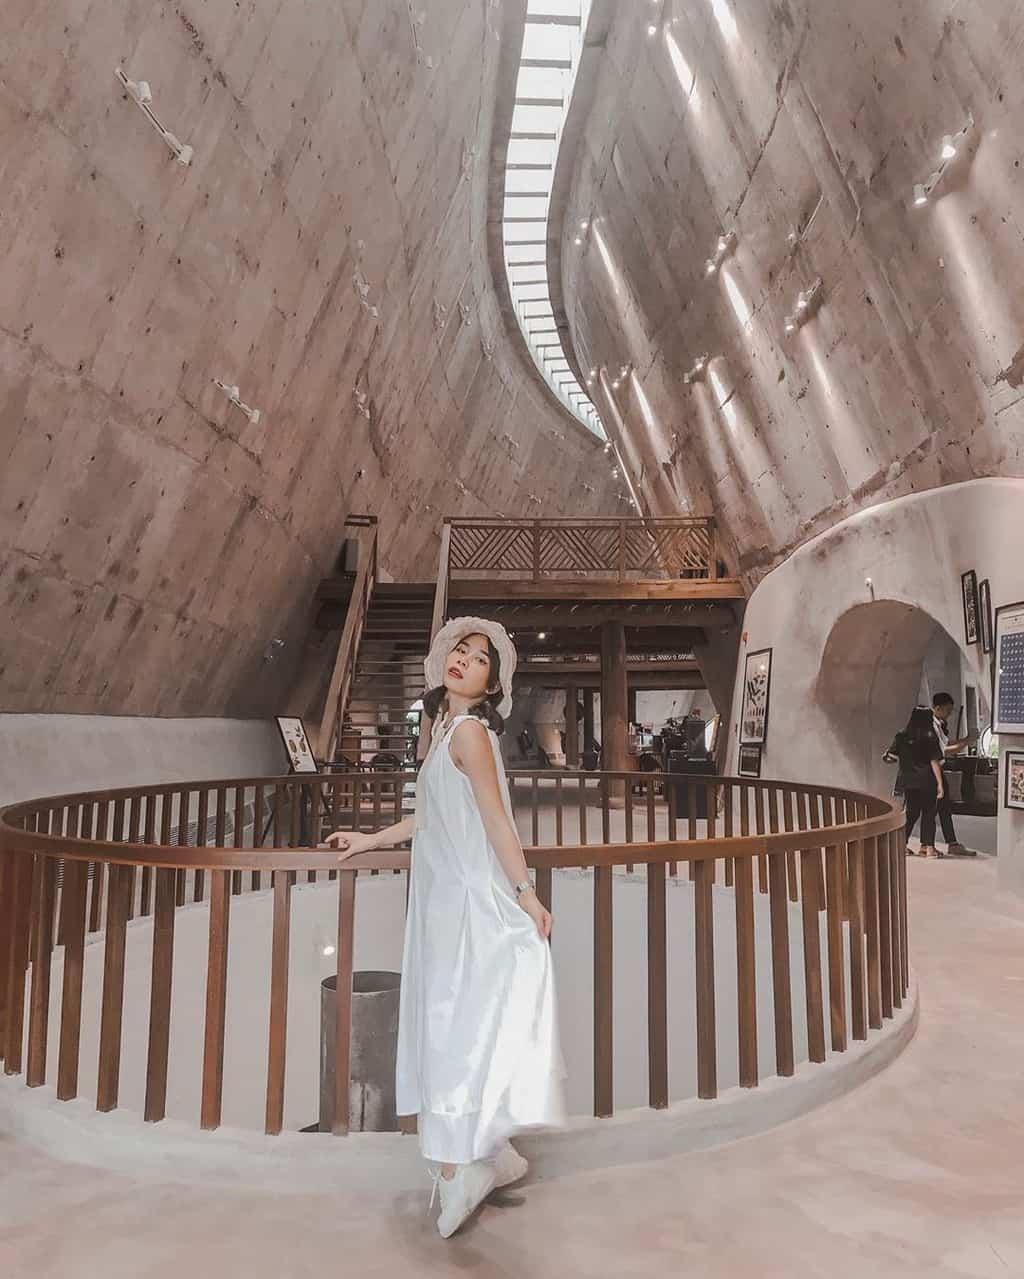 Kiến trúc vô cùng ấn tượng. Hình: Ptukkata88